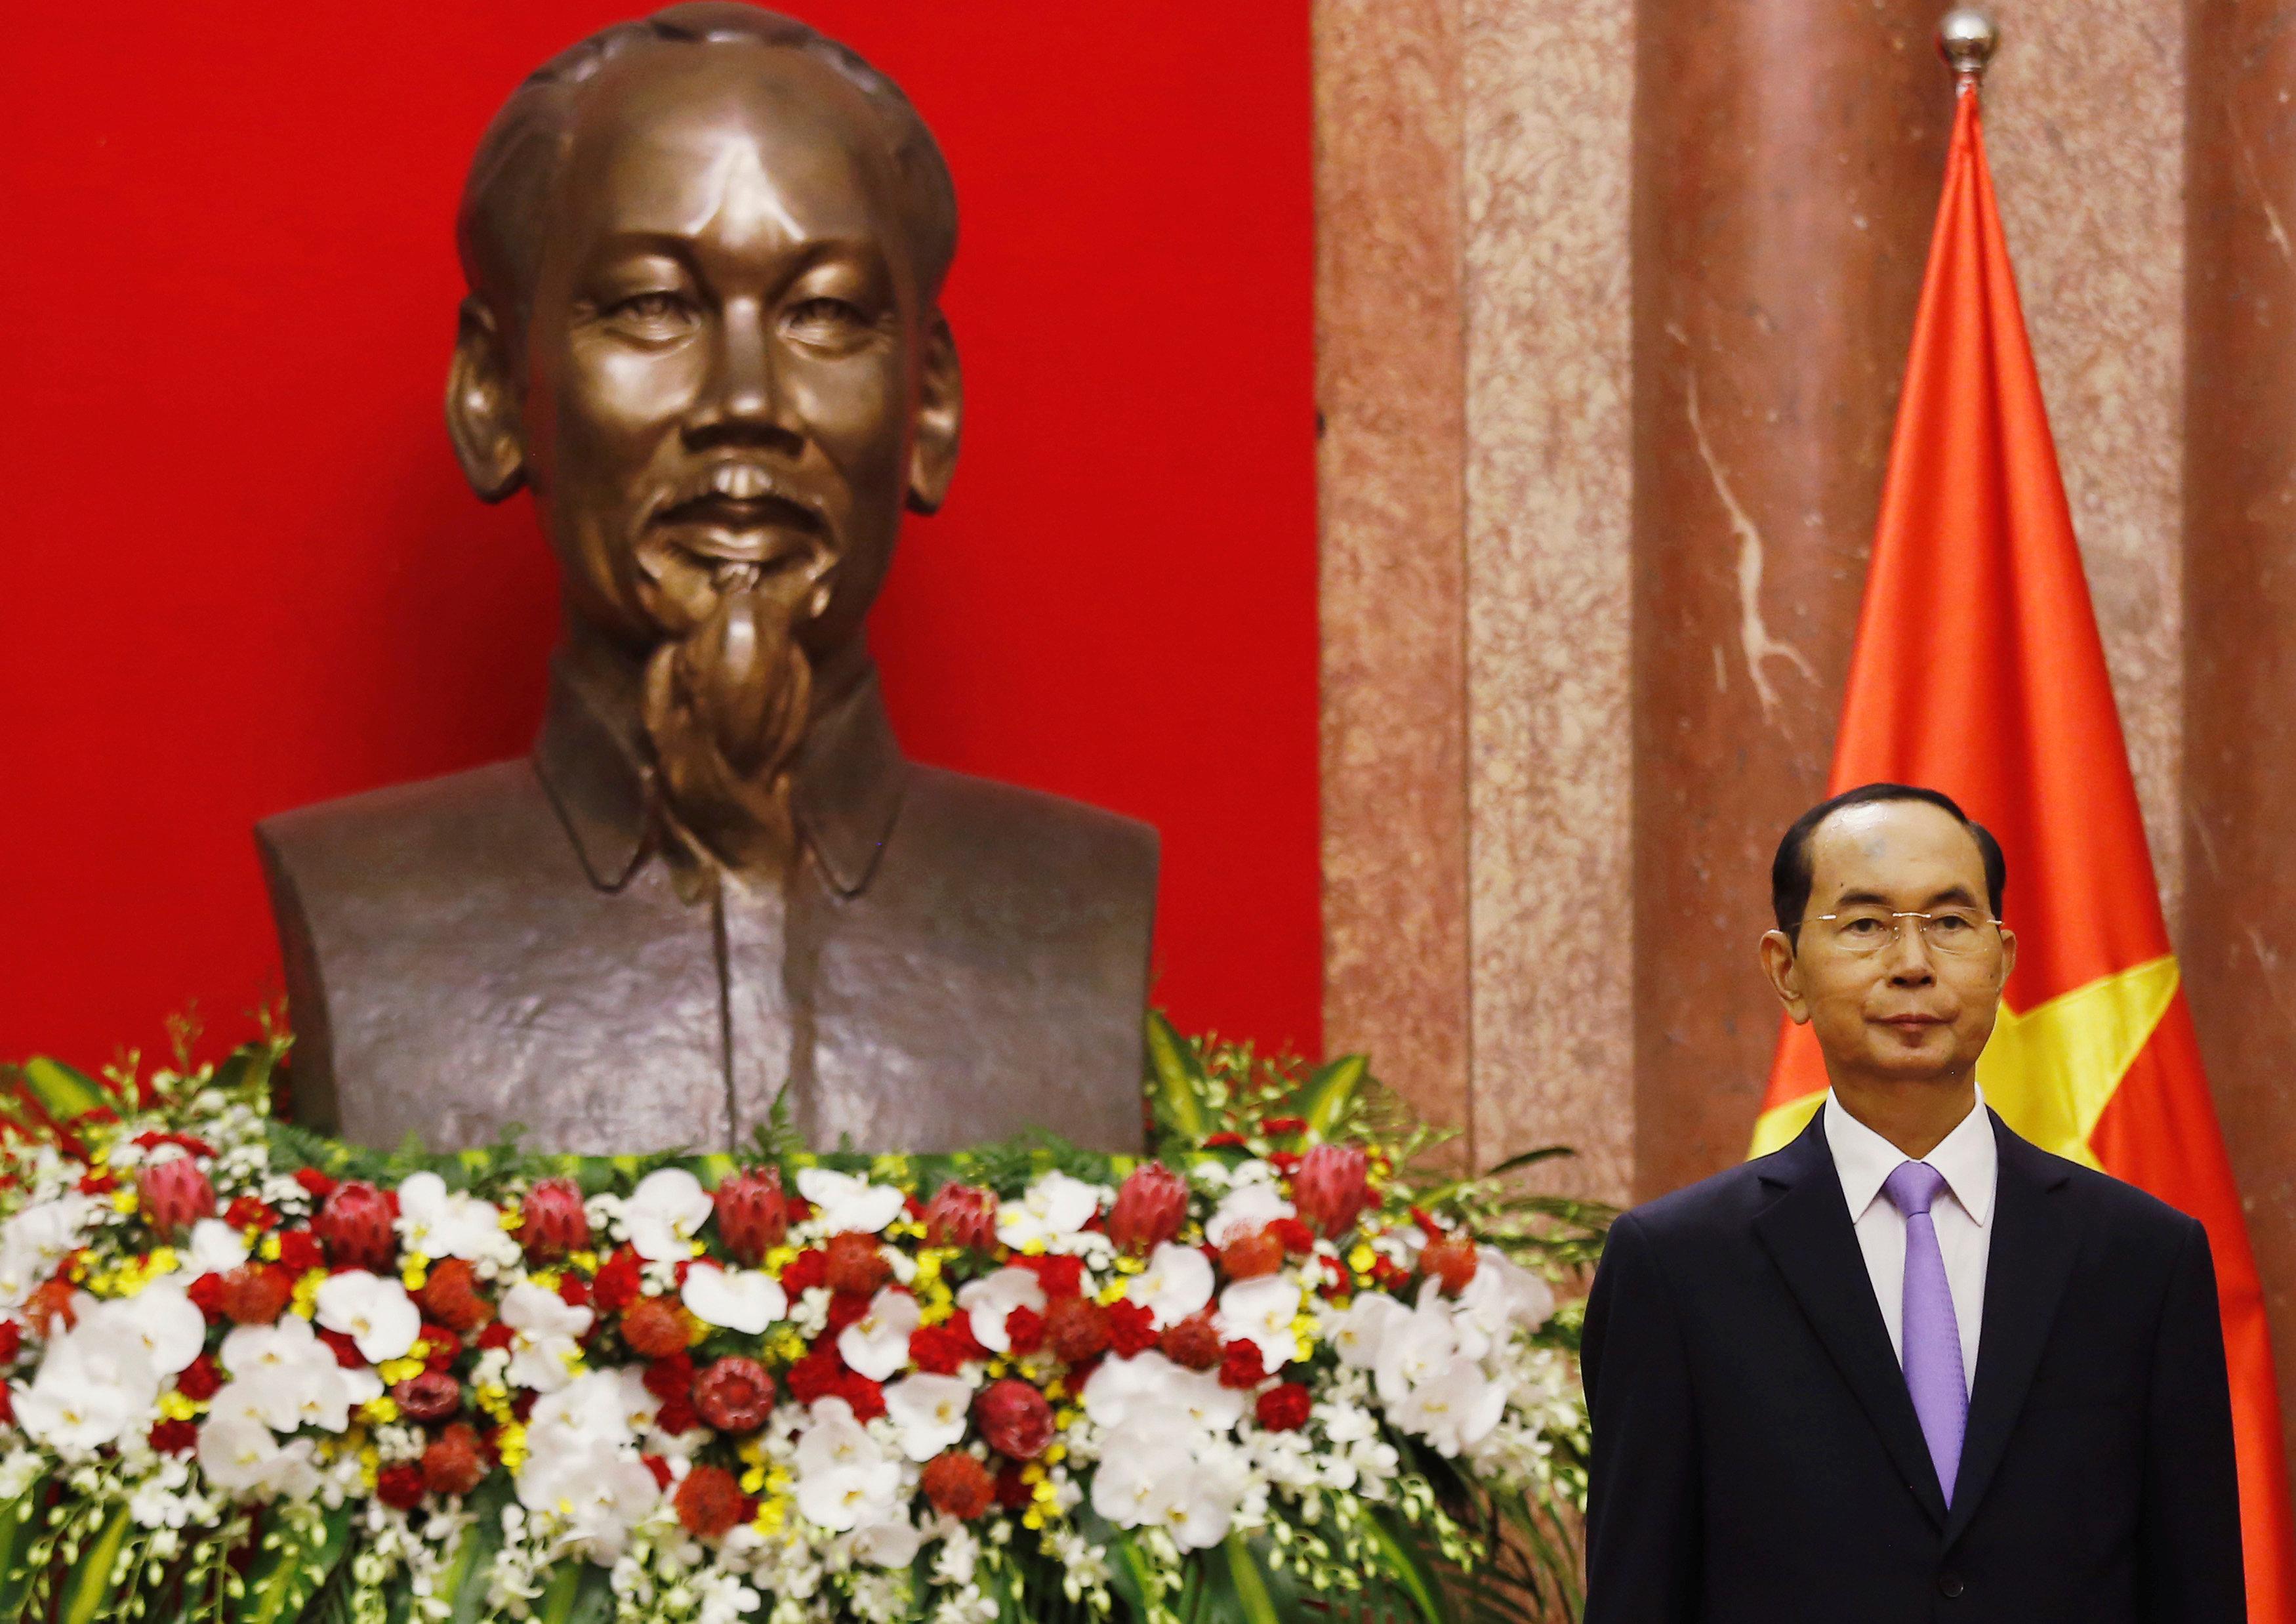 Πέθανε ο πρόεδρος του Βιετνάμ, ηγετική μορφή της συντηρητικής πτέρυγας του Κομμουνιστικού Κόμματος